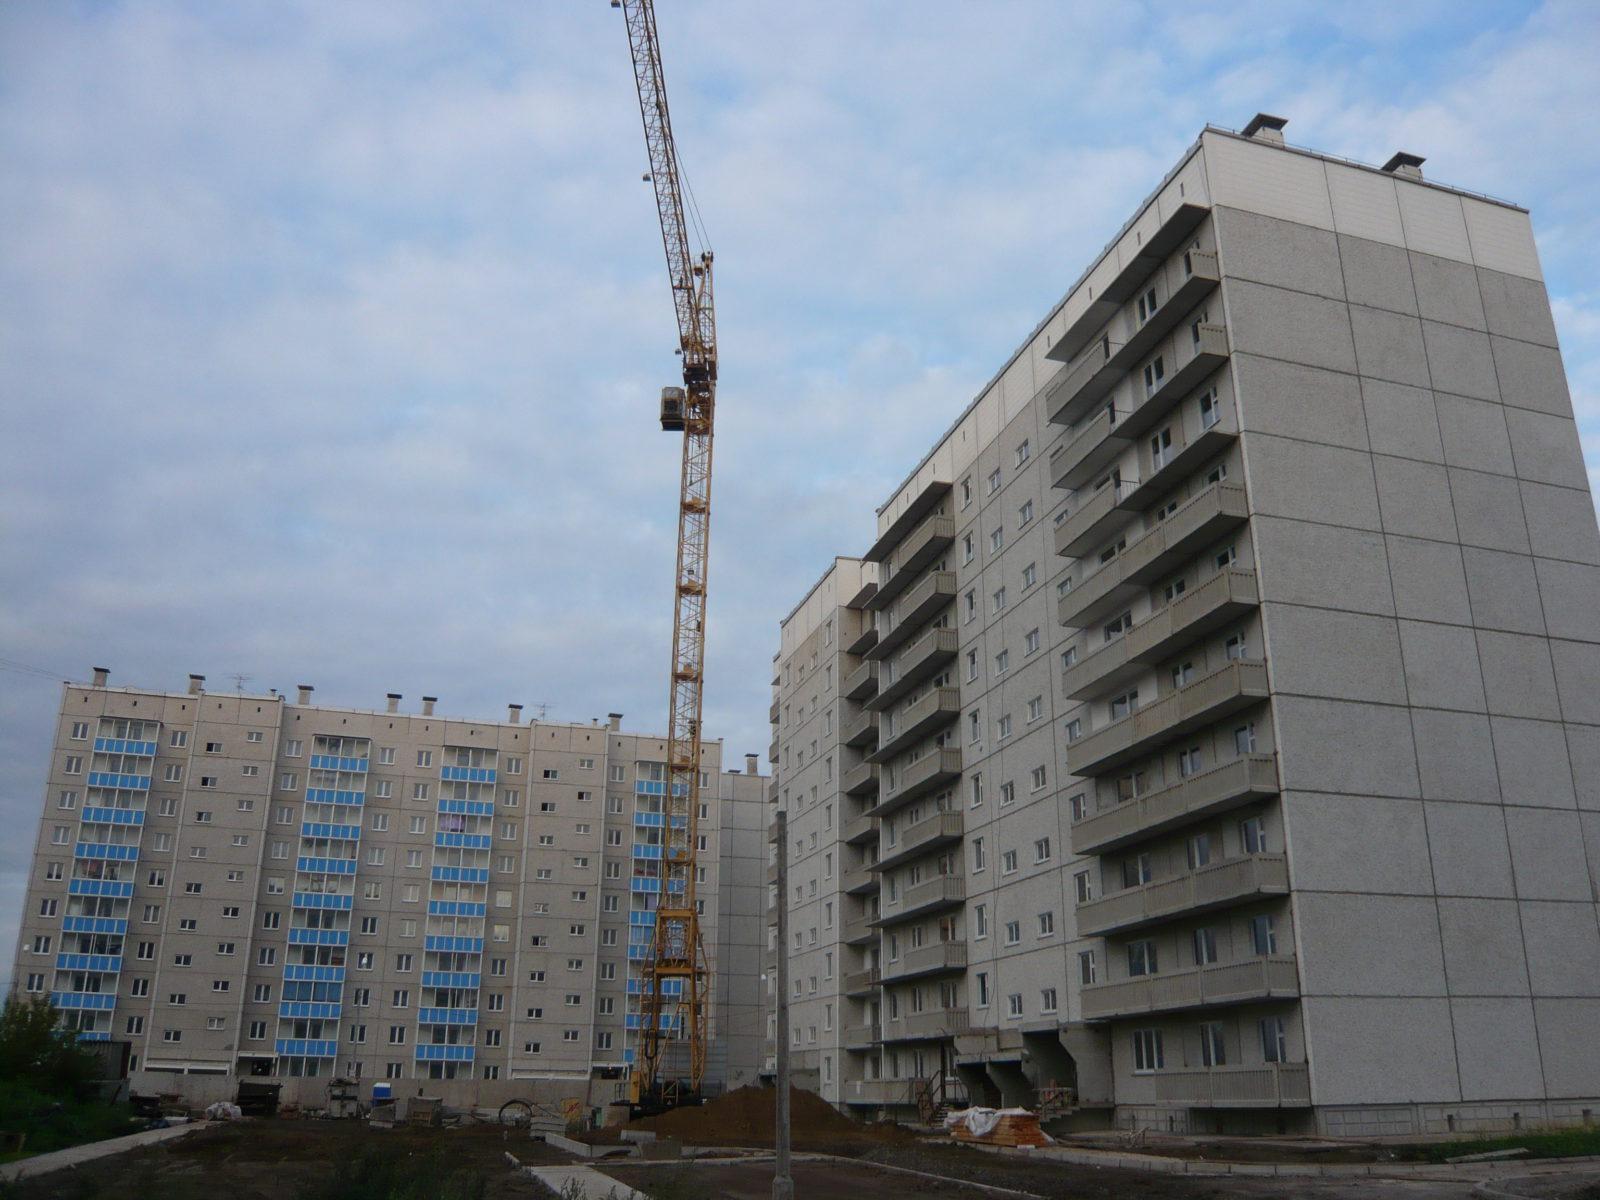 10-12 тыс. тенге составит стоимость арендного жилья для молодежи